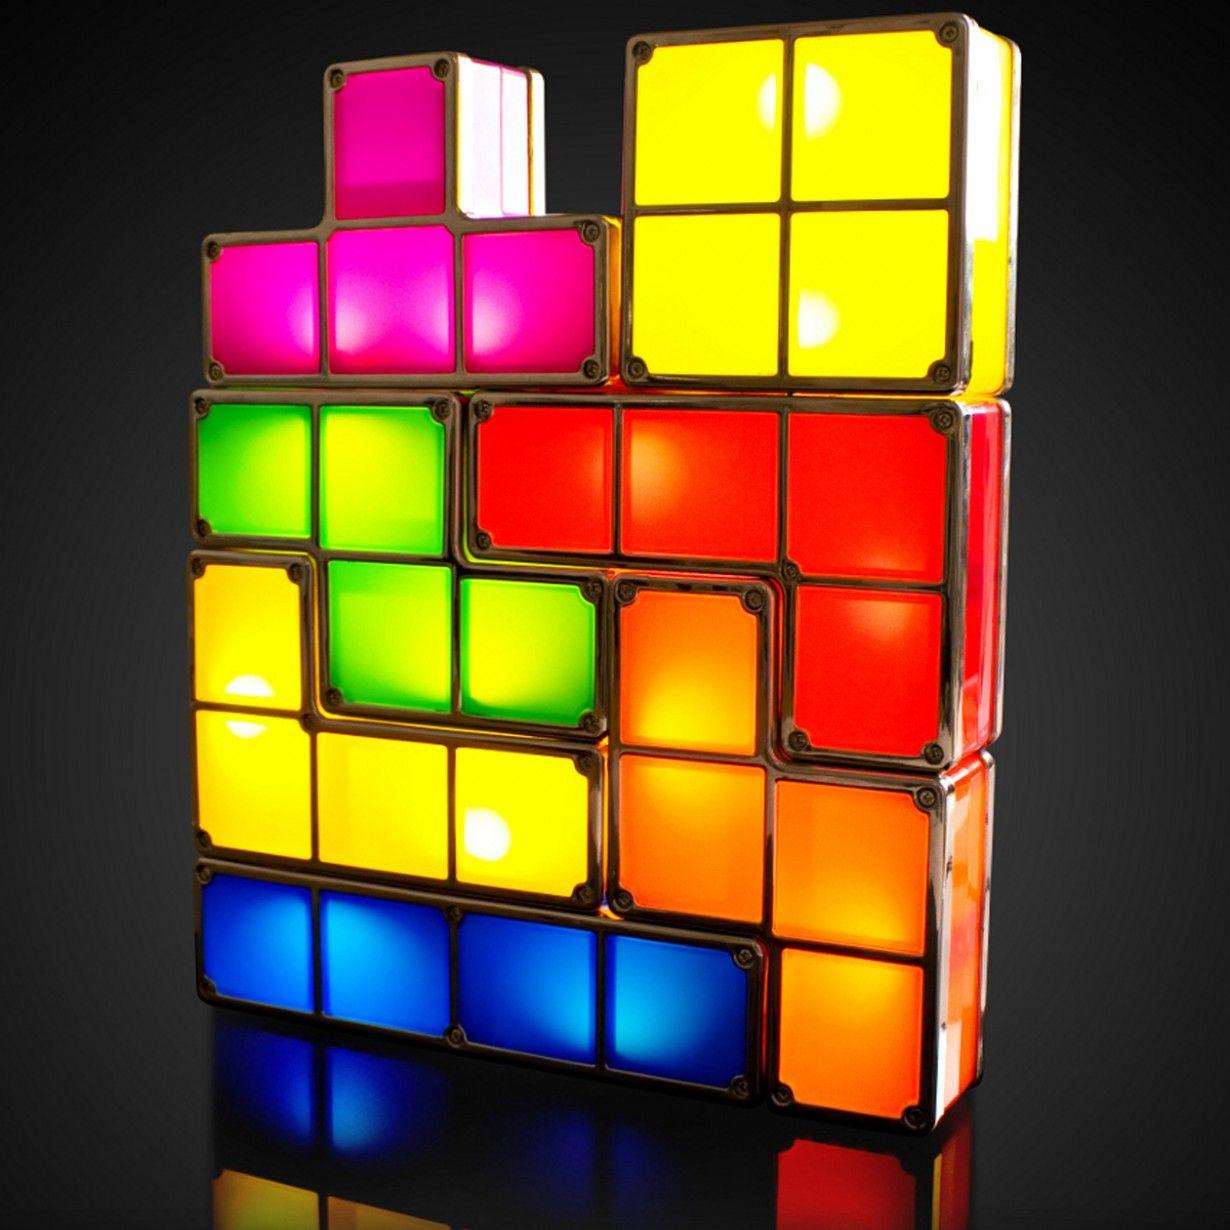 Lampe Tetris Le Cadeau Geek Et Nostalgique 8 Bit Led Profil